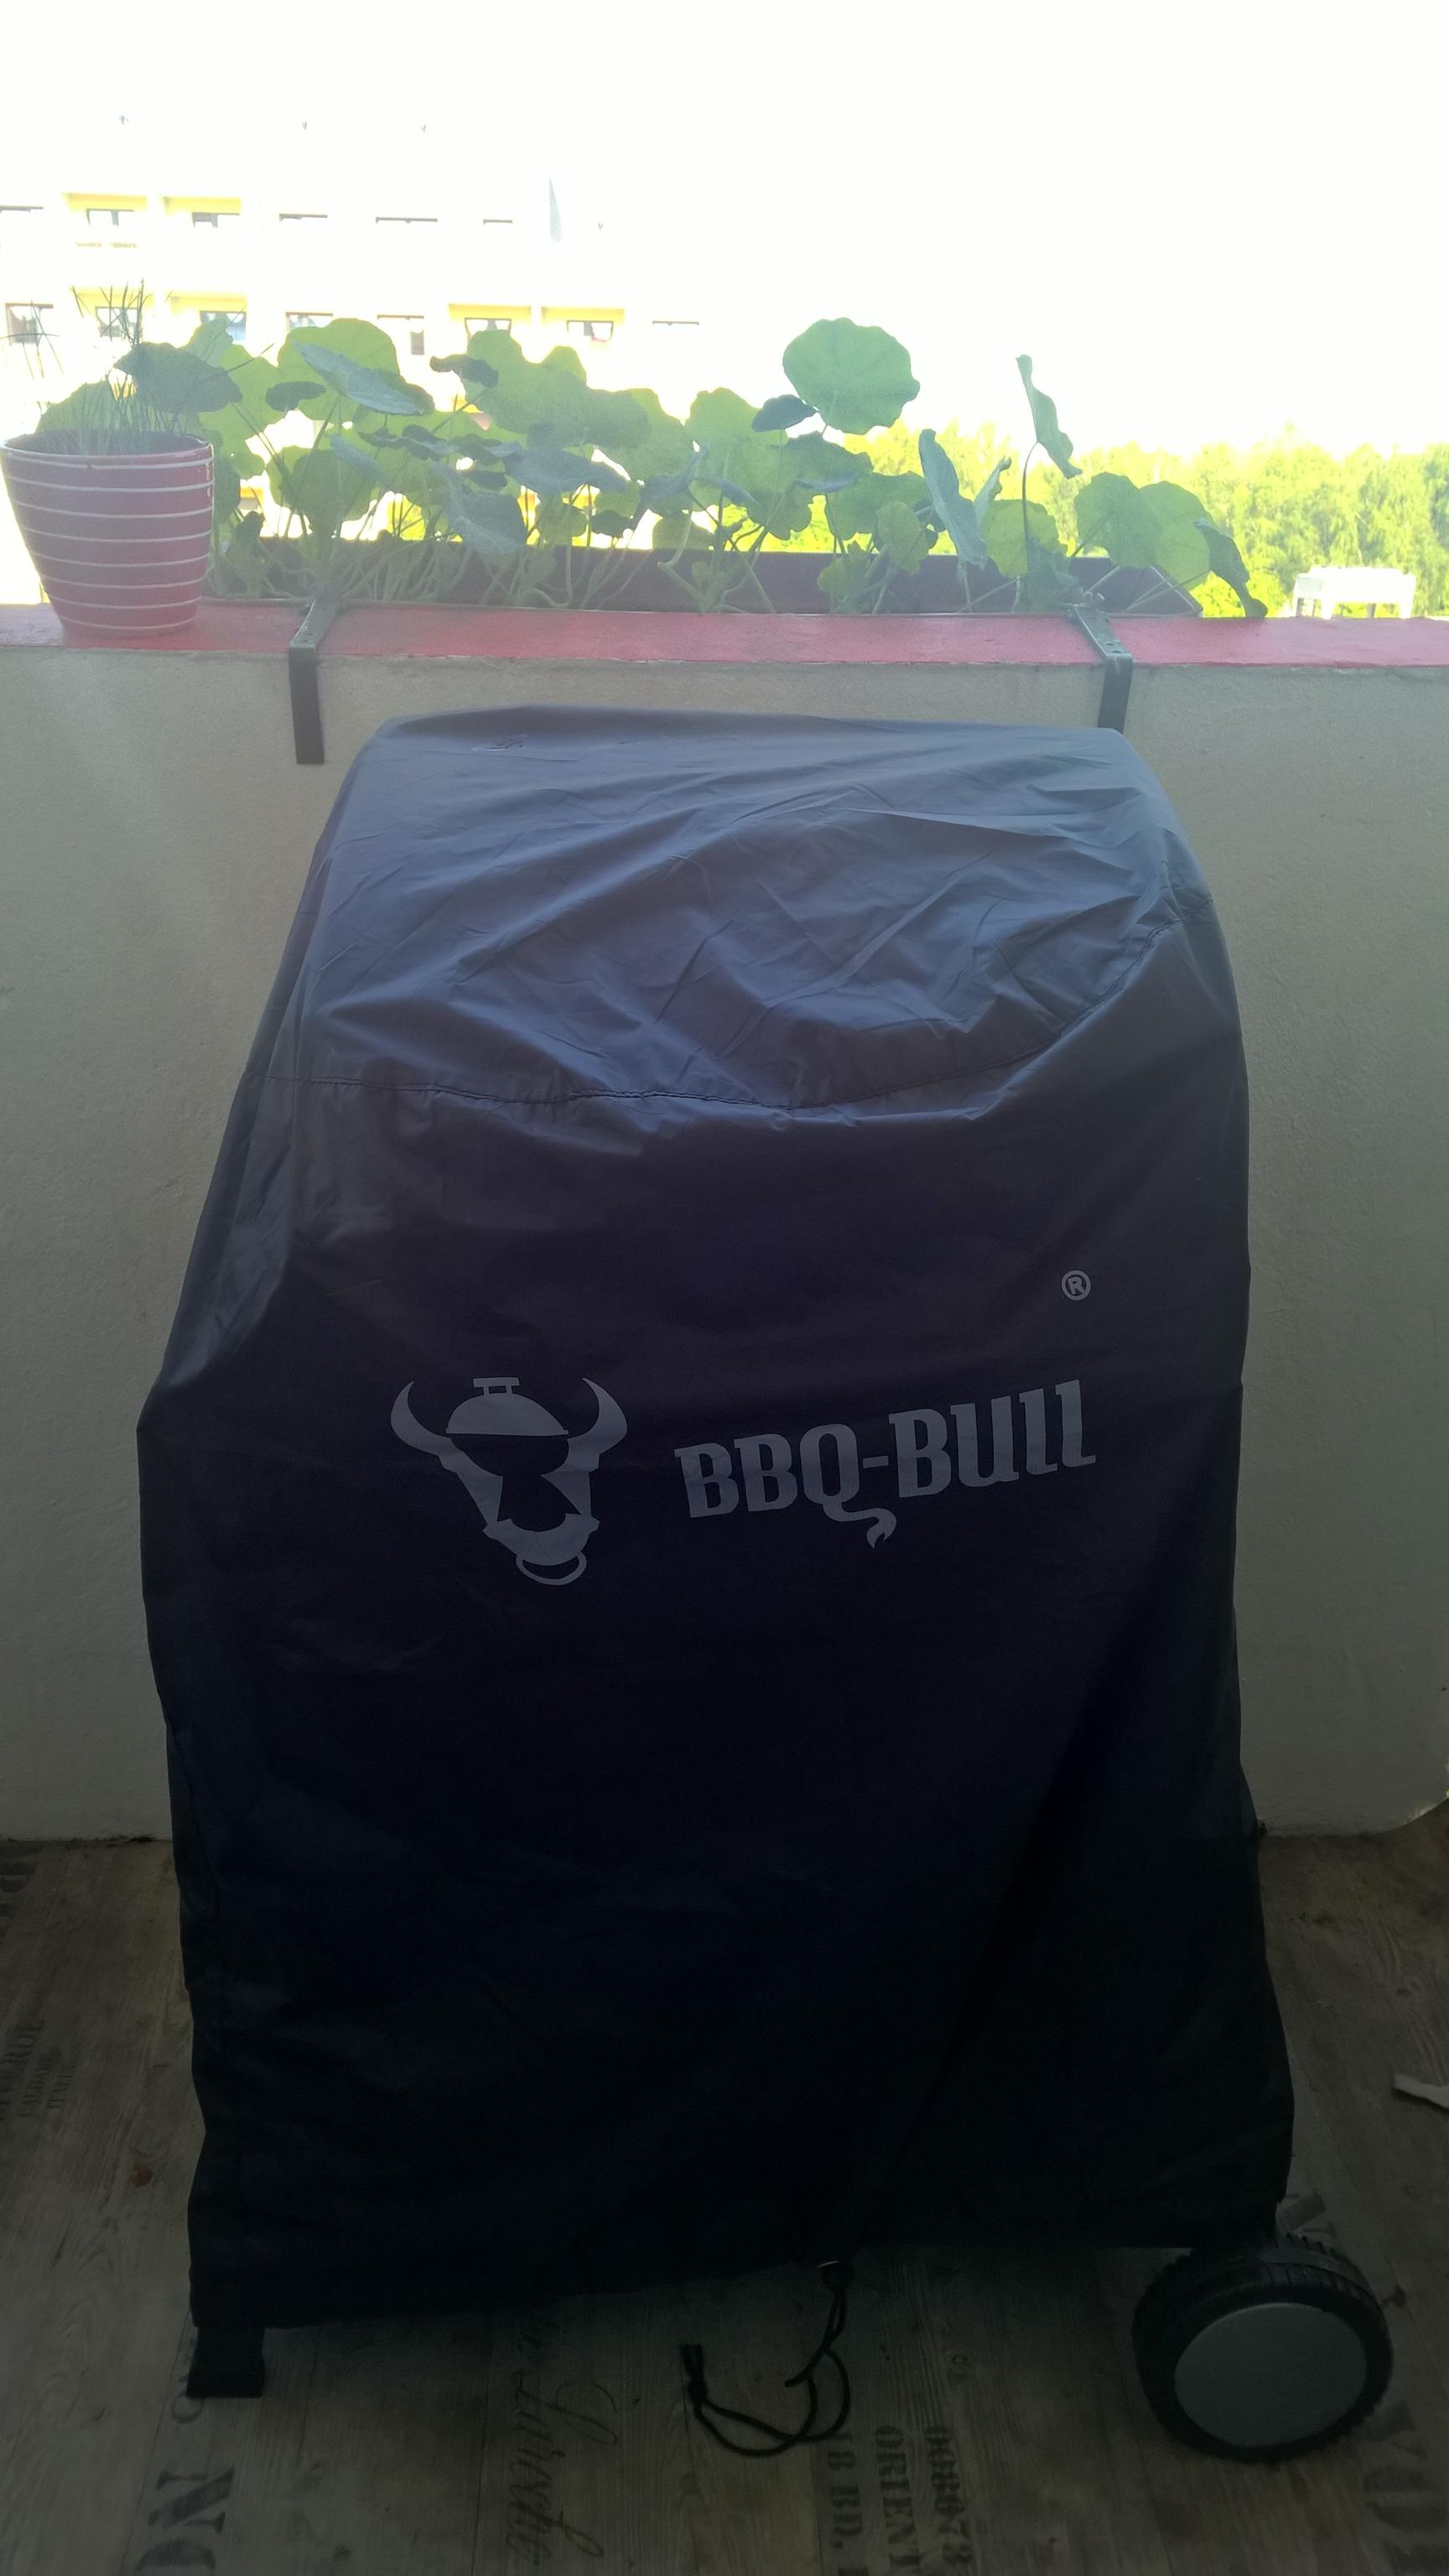 Jetzt wirds heiß [Gasgrill BBQ Bull Bern] im Produkttest